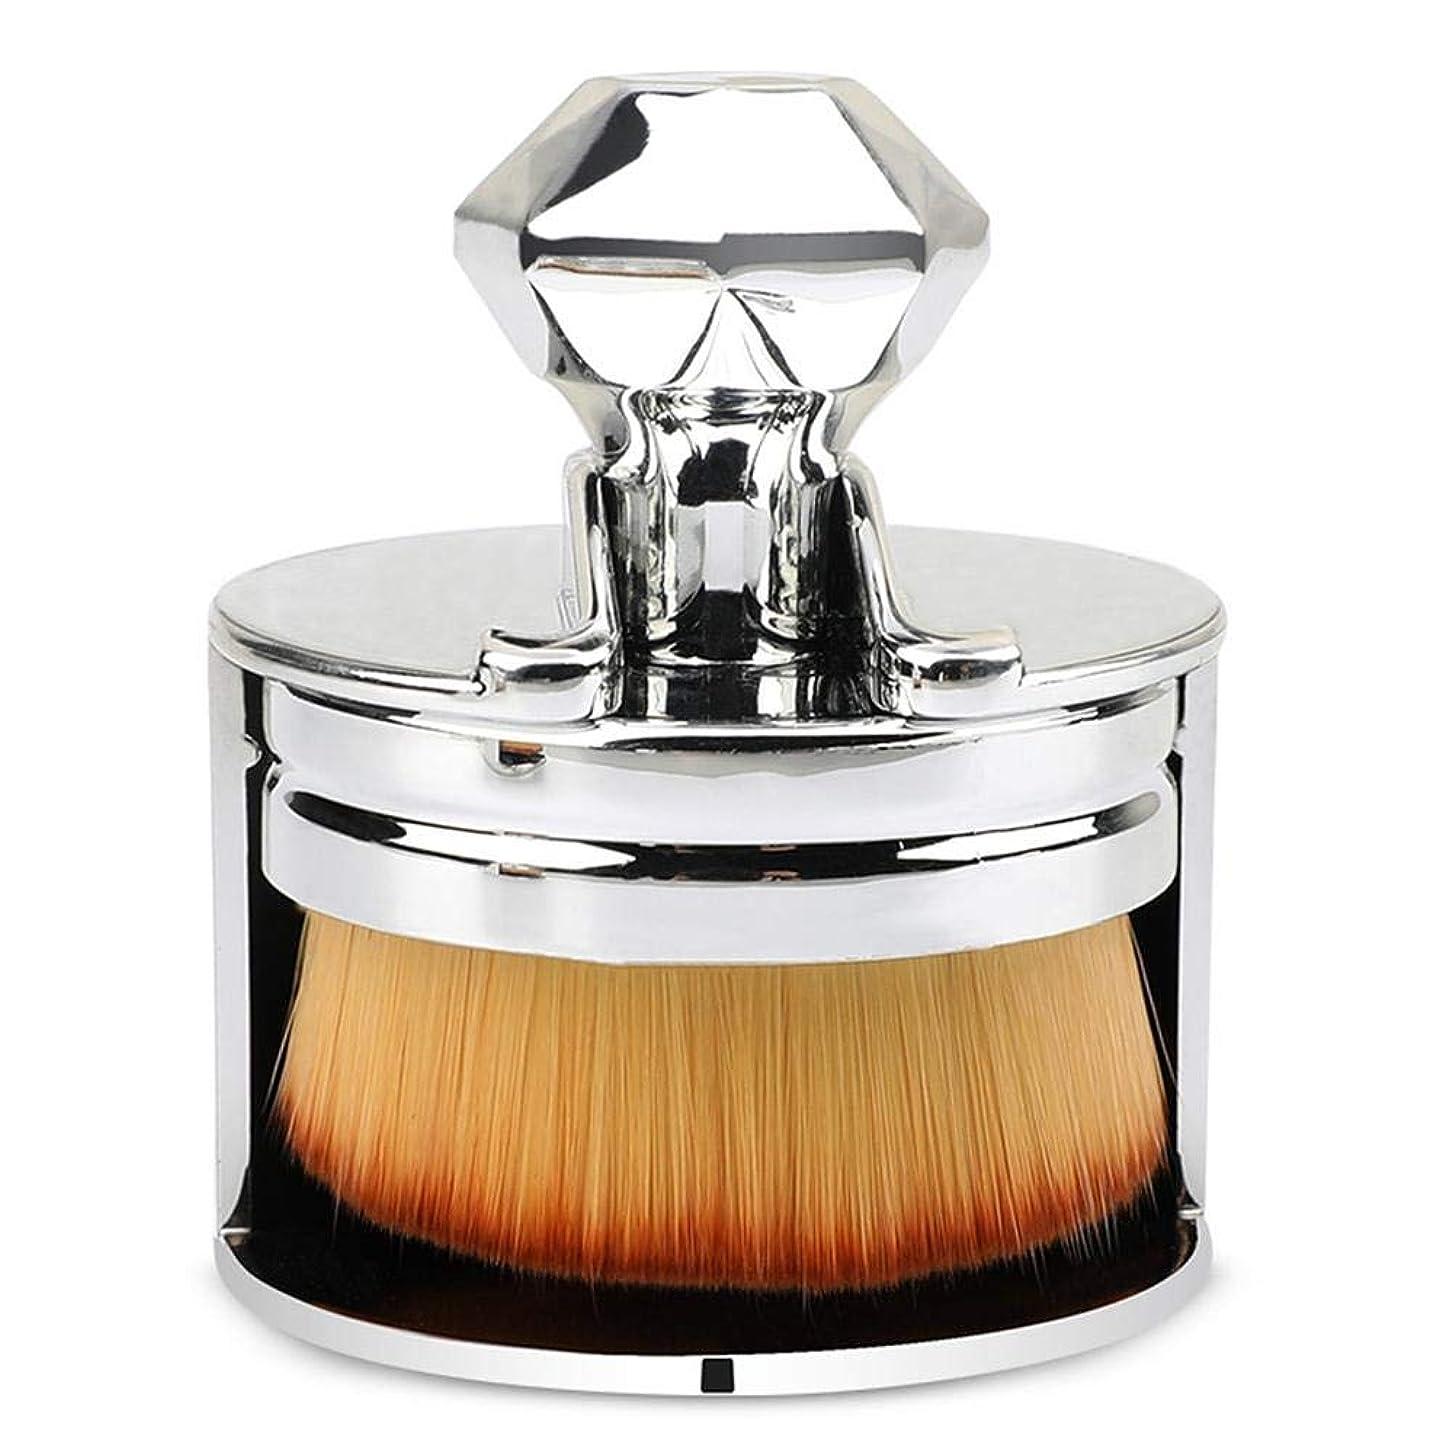 黙飛躍リングレット化粧筆 人気ファンデーションブラシ ファンデーションブラシ使いやすい 初心者 美容院 化粧ツール